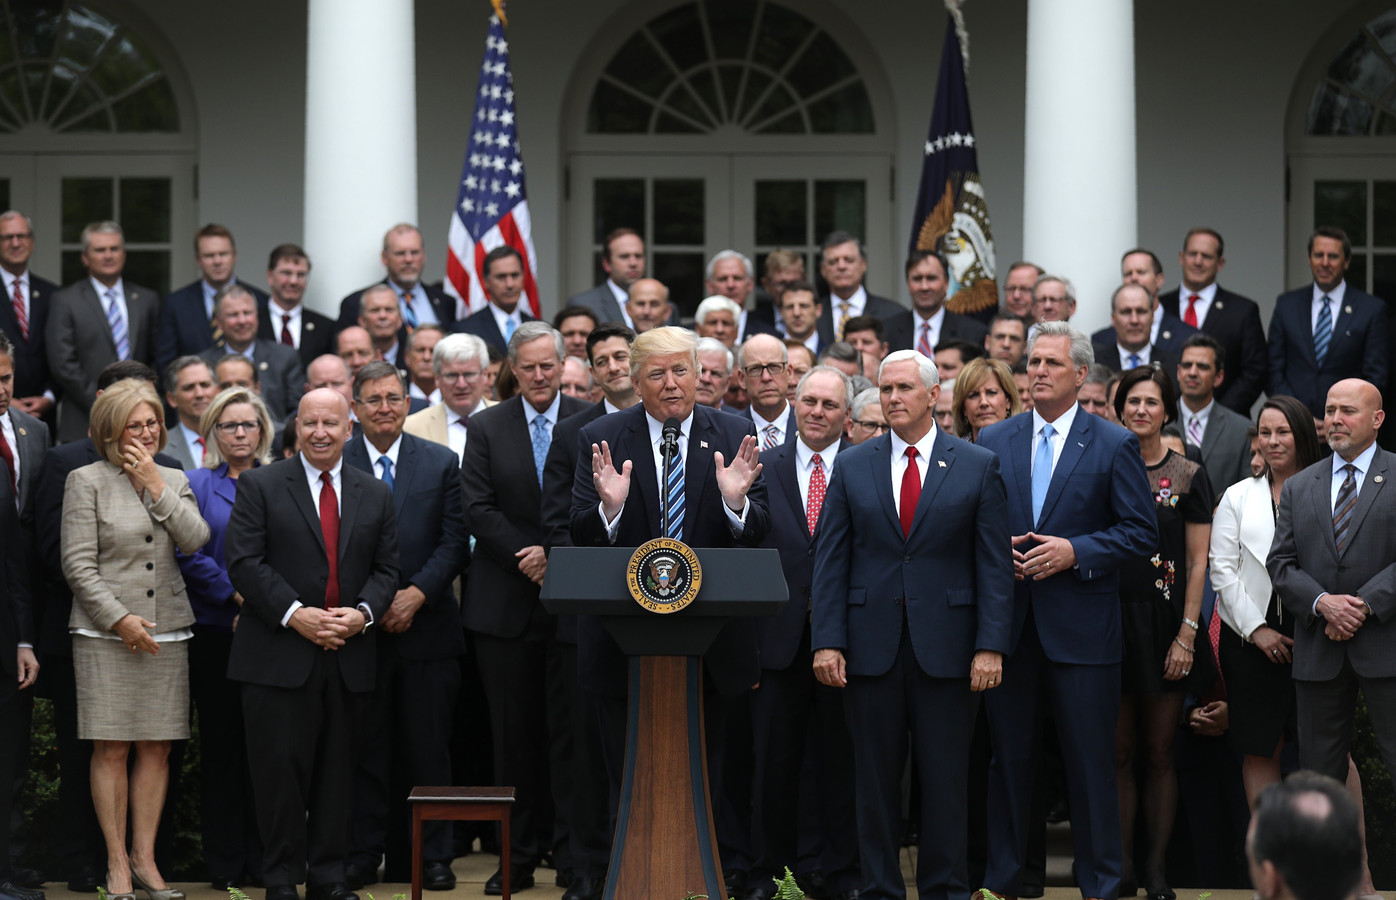 Huis stemt nipt v r wet ter vervanging van obamacare foto - Naar beneden meubels huis ter wereld ...